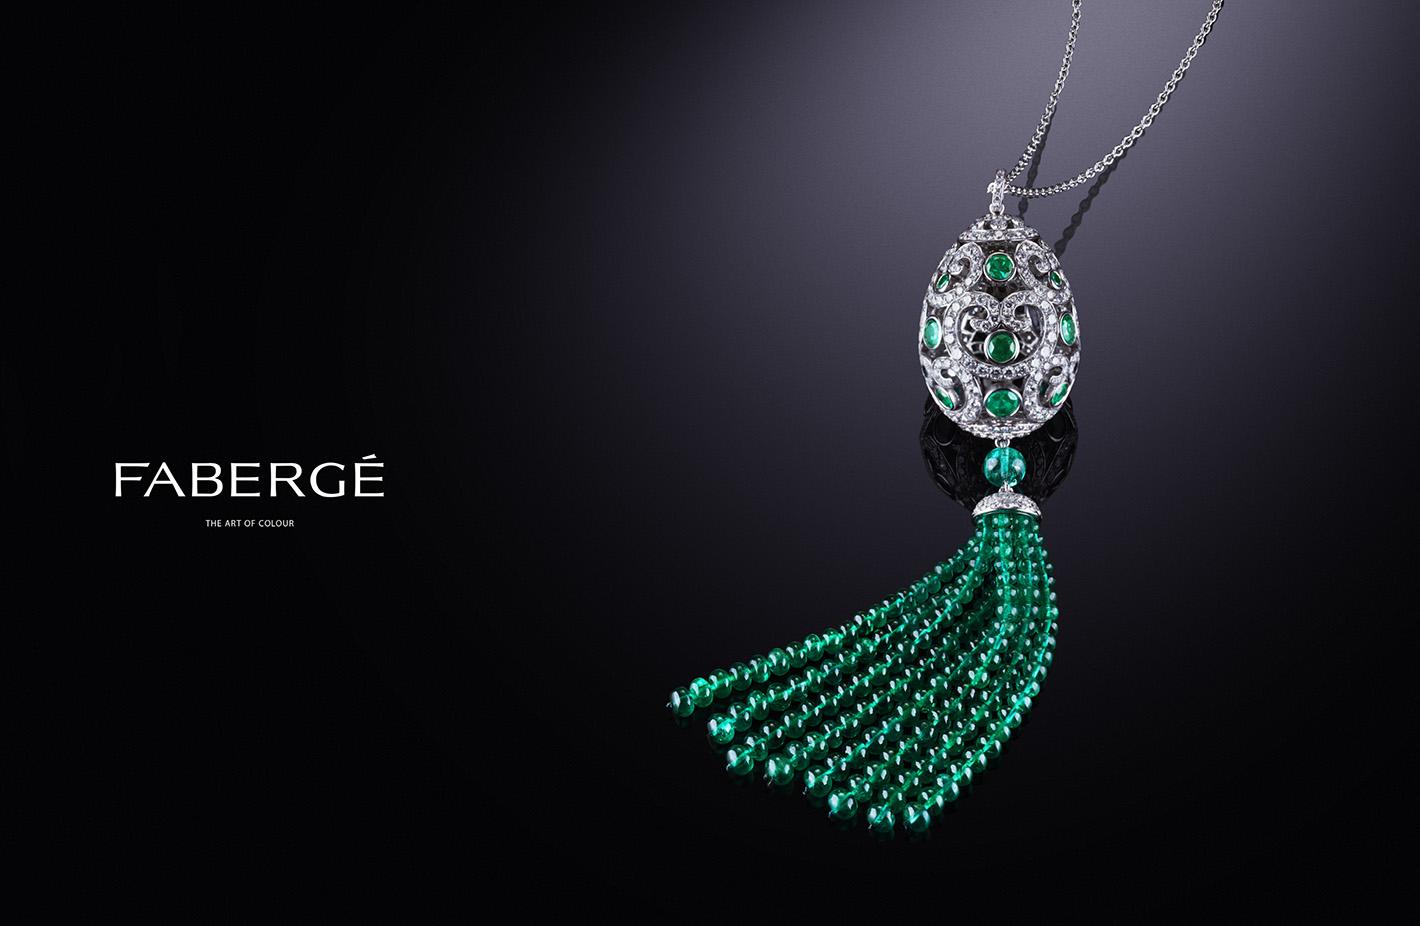 Faberge-retouching-1